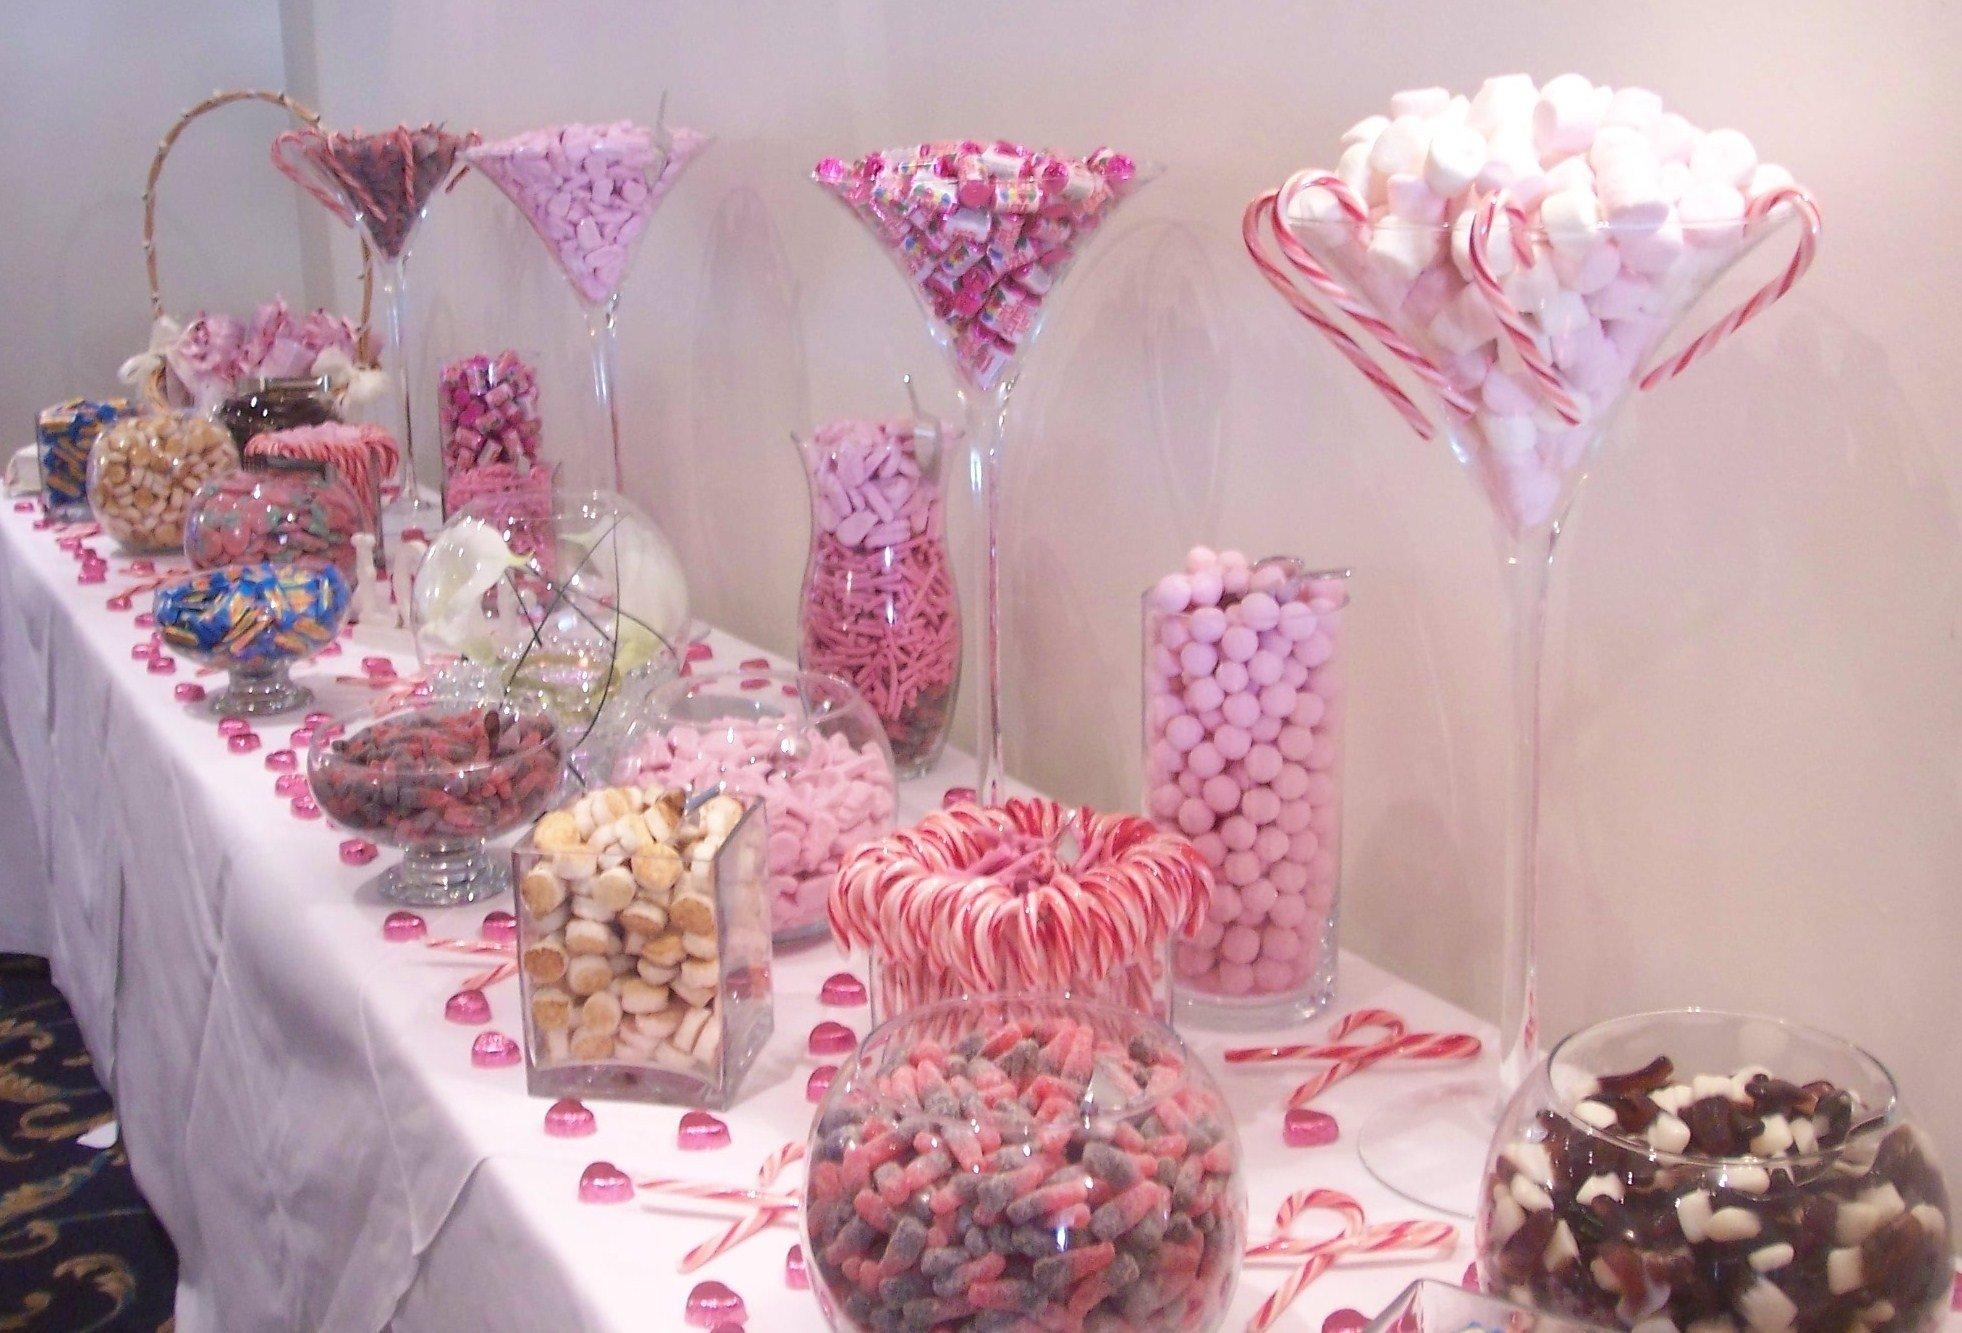 10 Lovable Ideas For A Candy Bar